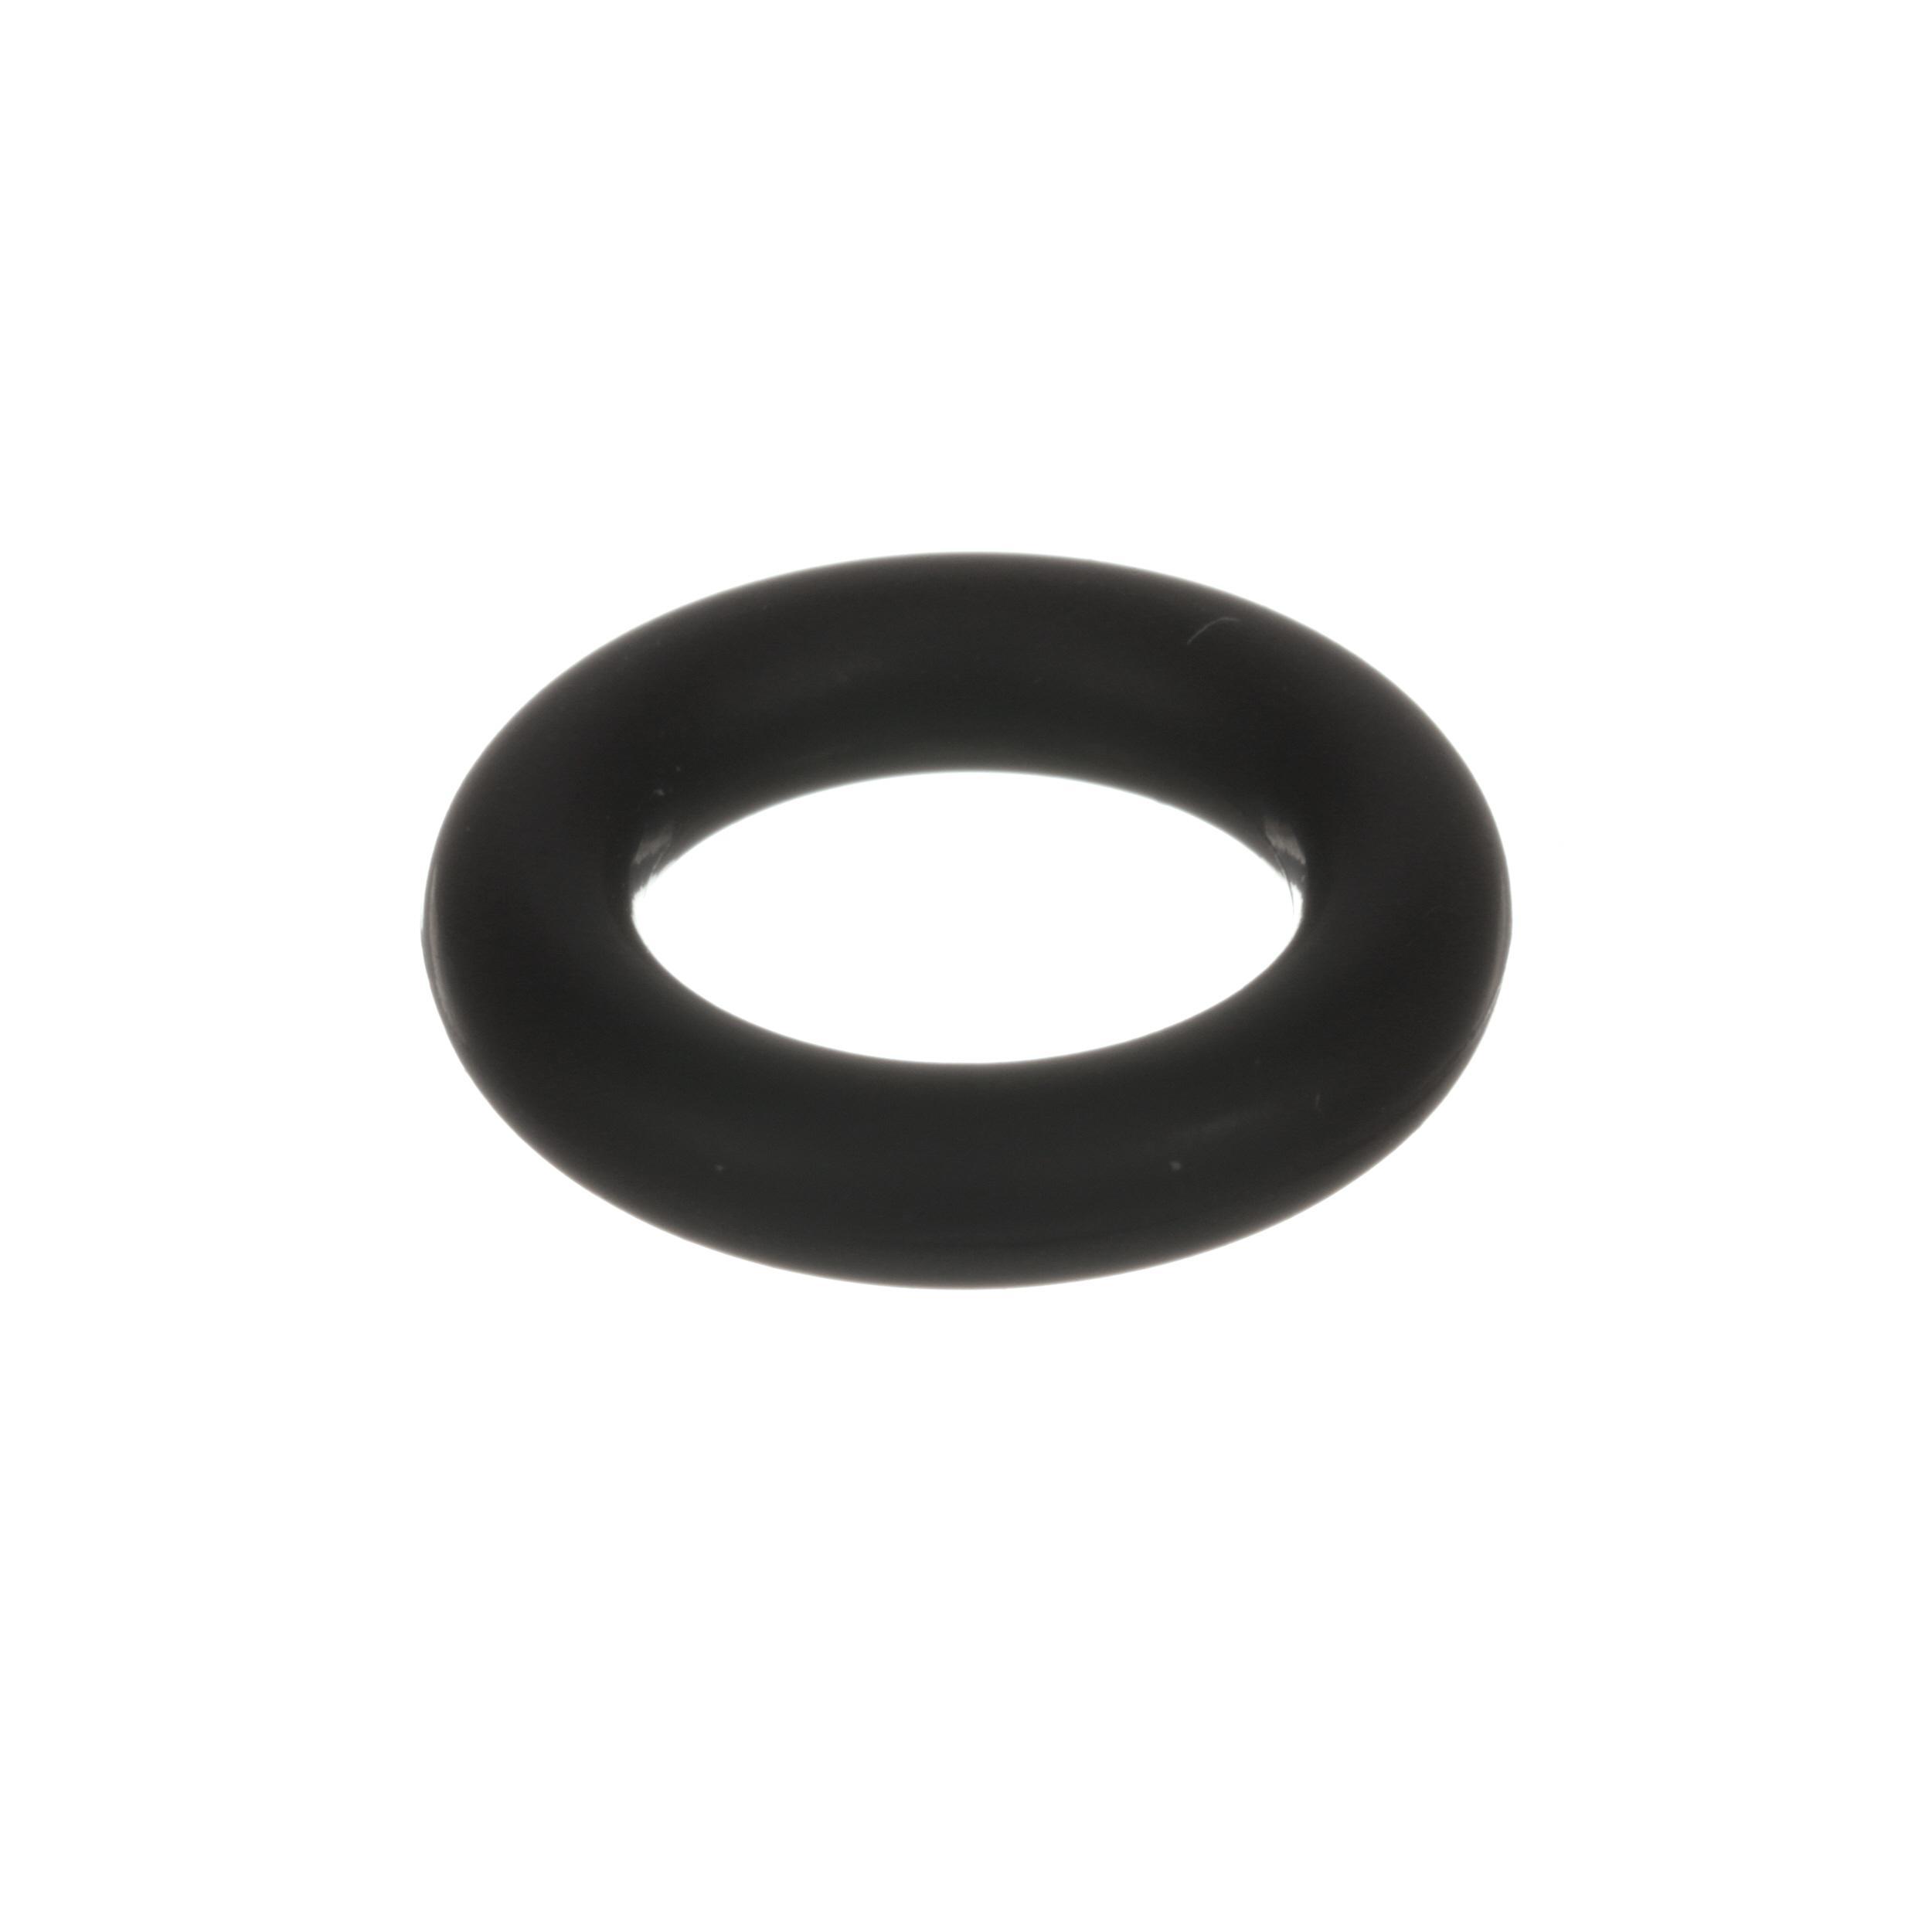 LANCER O-RING,2-109,97-0999